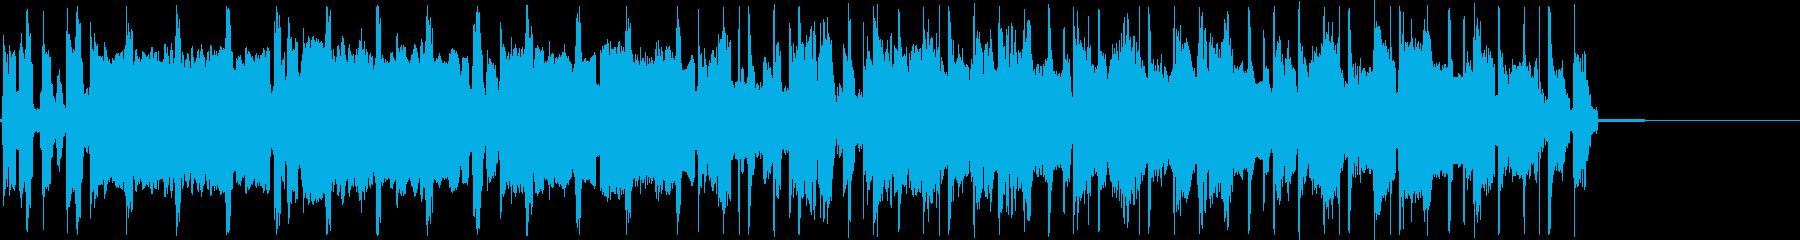 哀愁感漂うトランペットのジングルの再生済みの波形